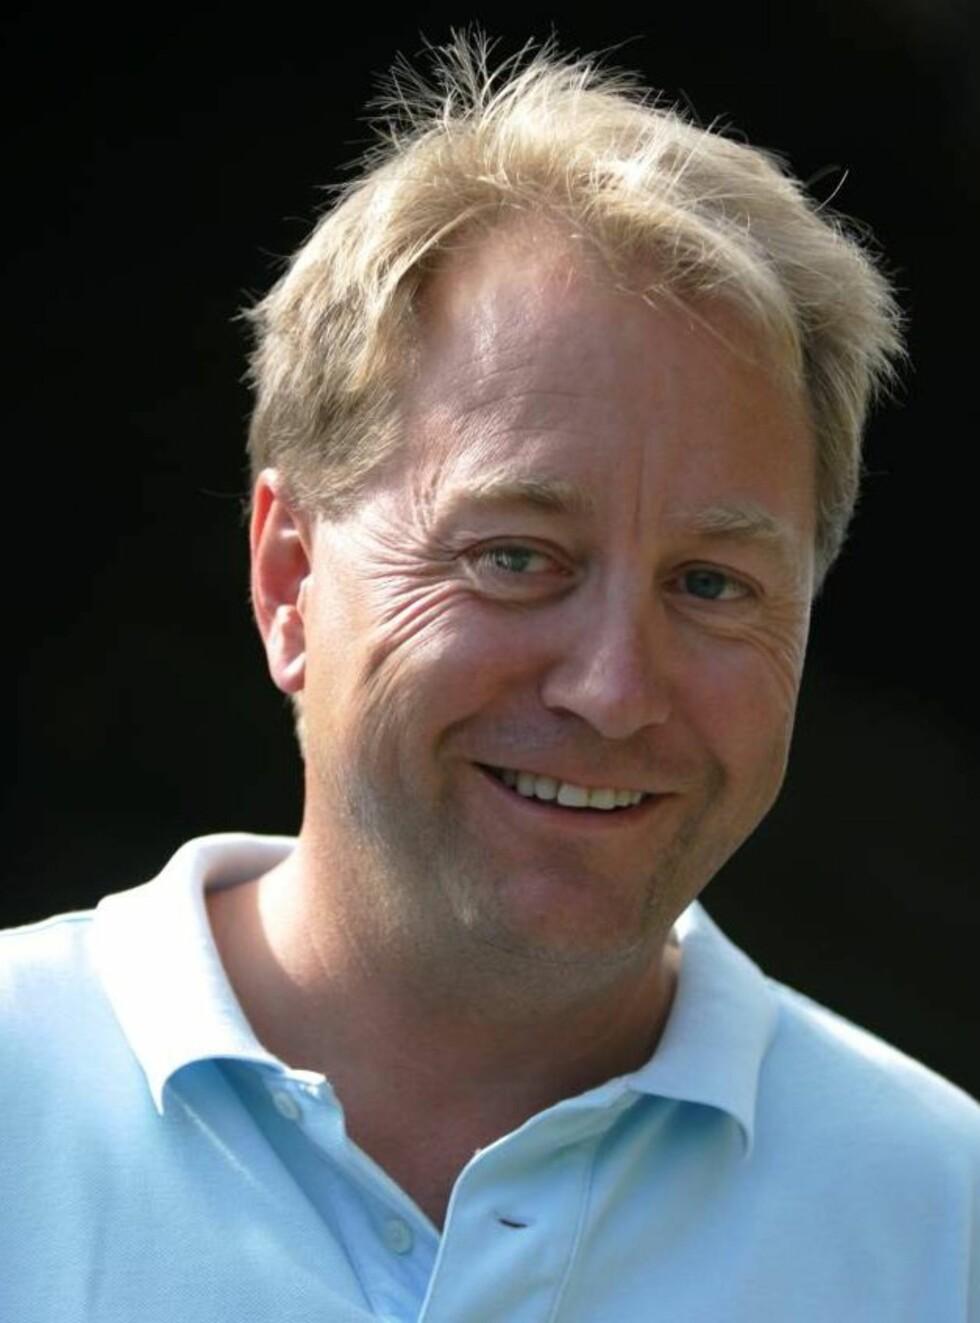 FARTSVIDUNDER: Kjell Inge Røkke liker å bevege seg styggfort. Foto: Andreas Fadum, Se og Hør